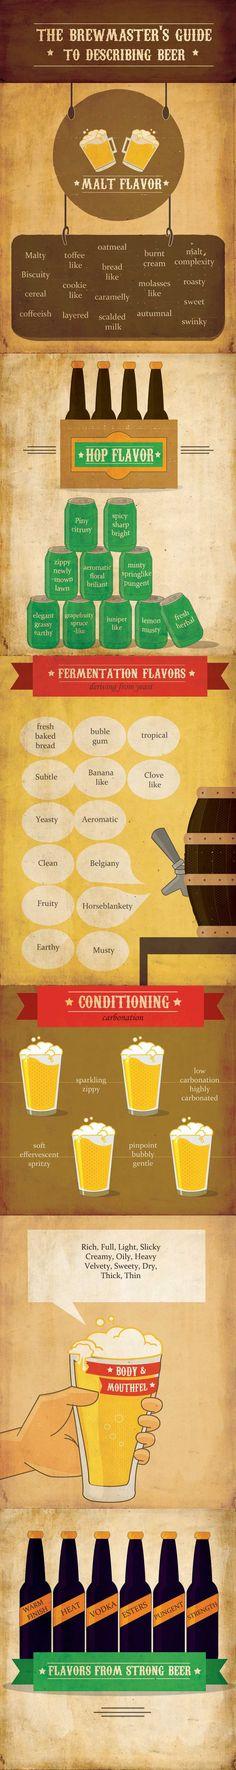 Em busca do melhor método de descrever sabores. Off flavor é mais difícil? Por que ninguém faz?   The Brewmaster's Guide to Describing Beer